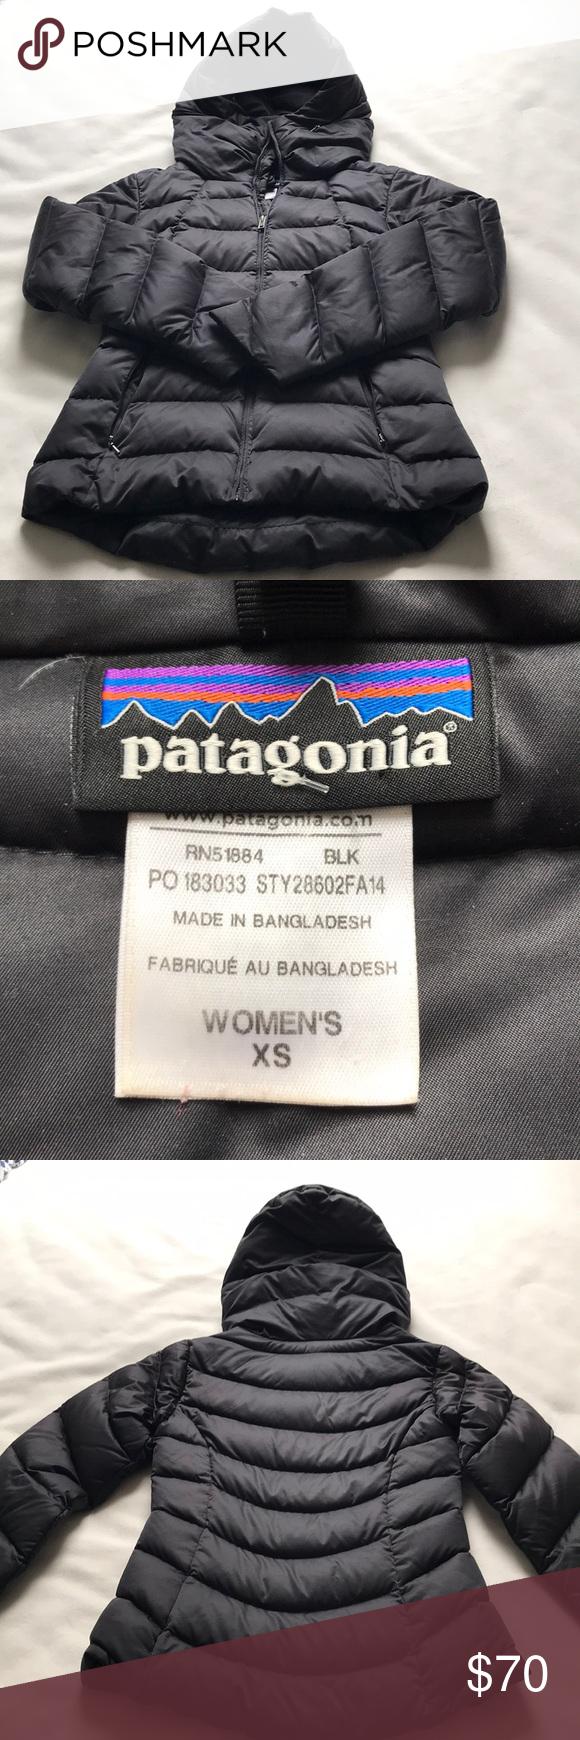 Women S Black Patagonia Puffer Jacket Size Xs Patagonia Puffer Jacket Black Patagonia Puffer Jackets [ 1740 x 580 Pixel ]